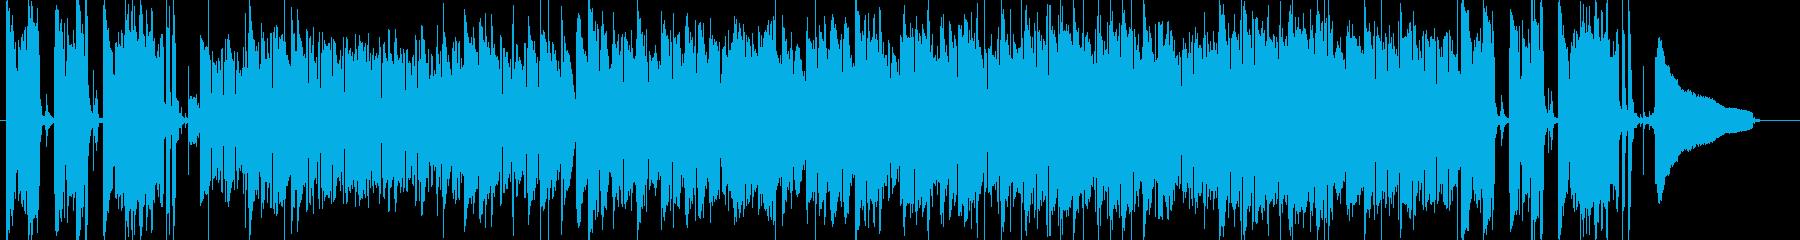 パーカッションが印象的な暖かなボサノバの再生済みの波形